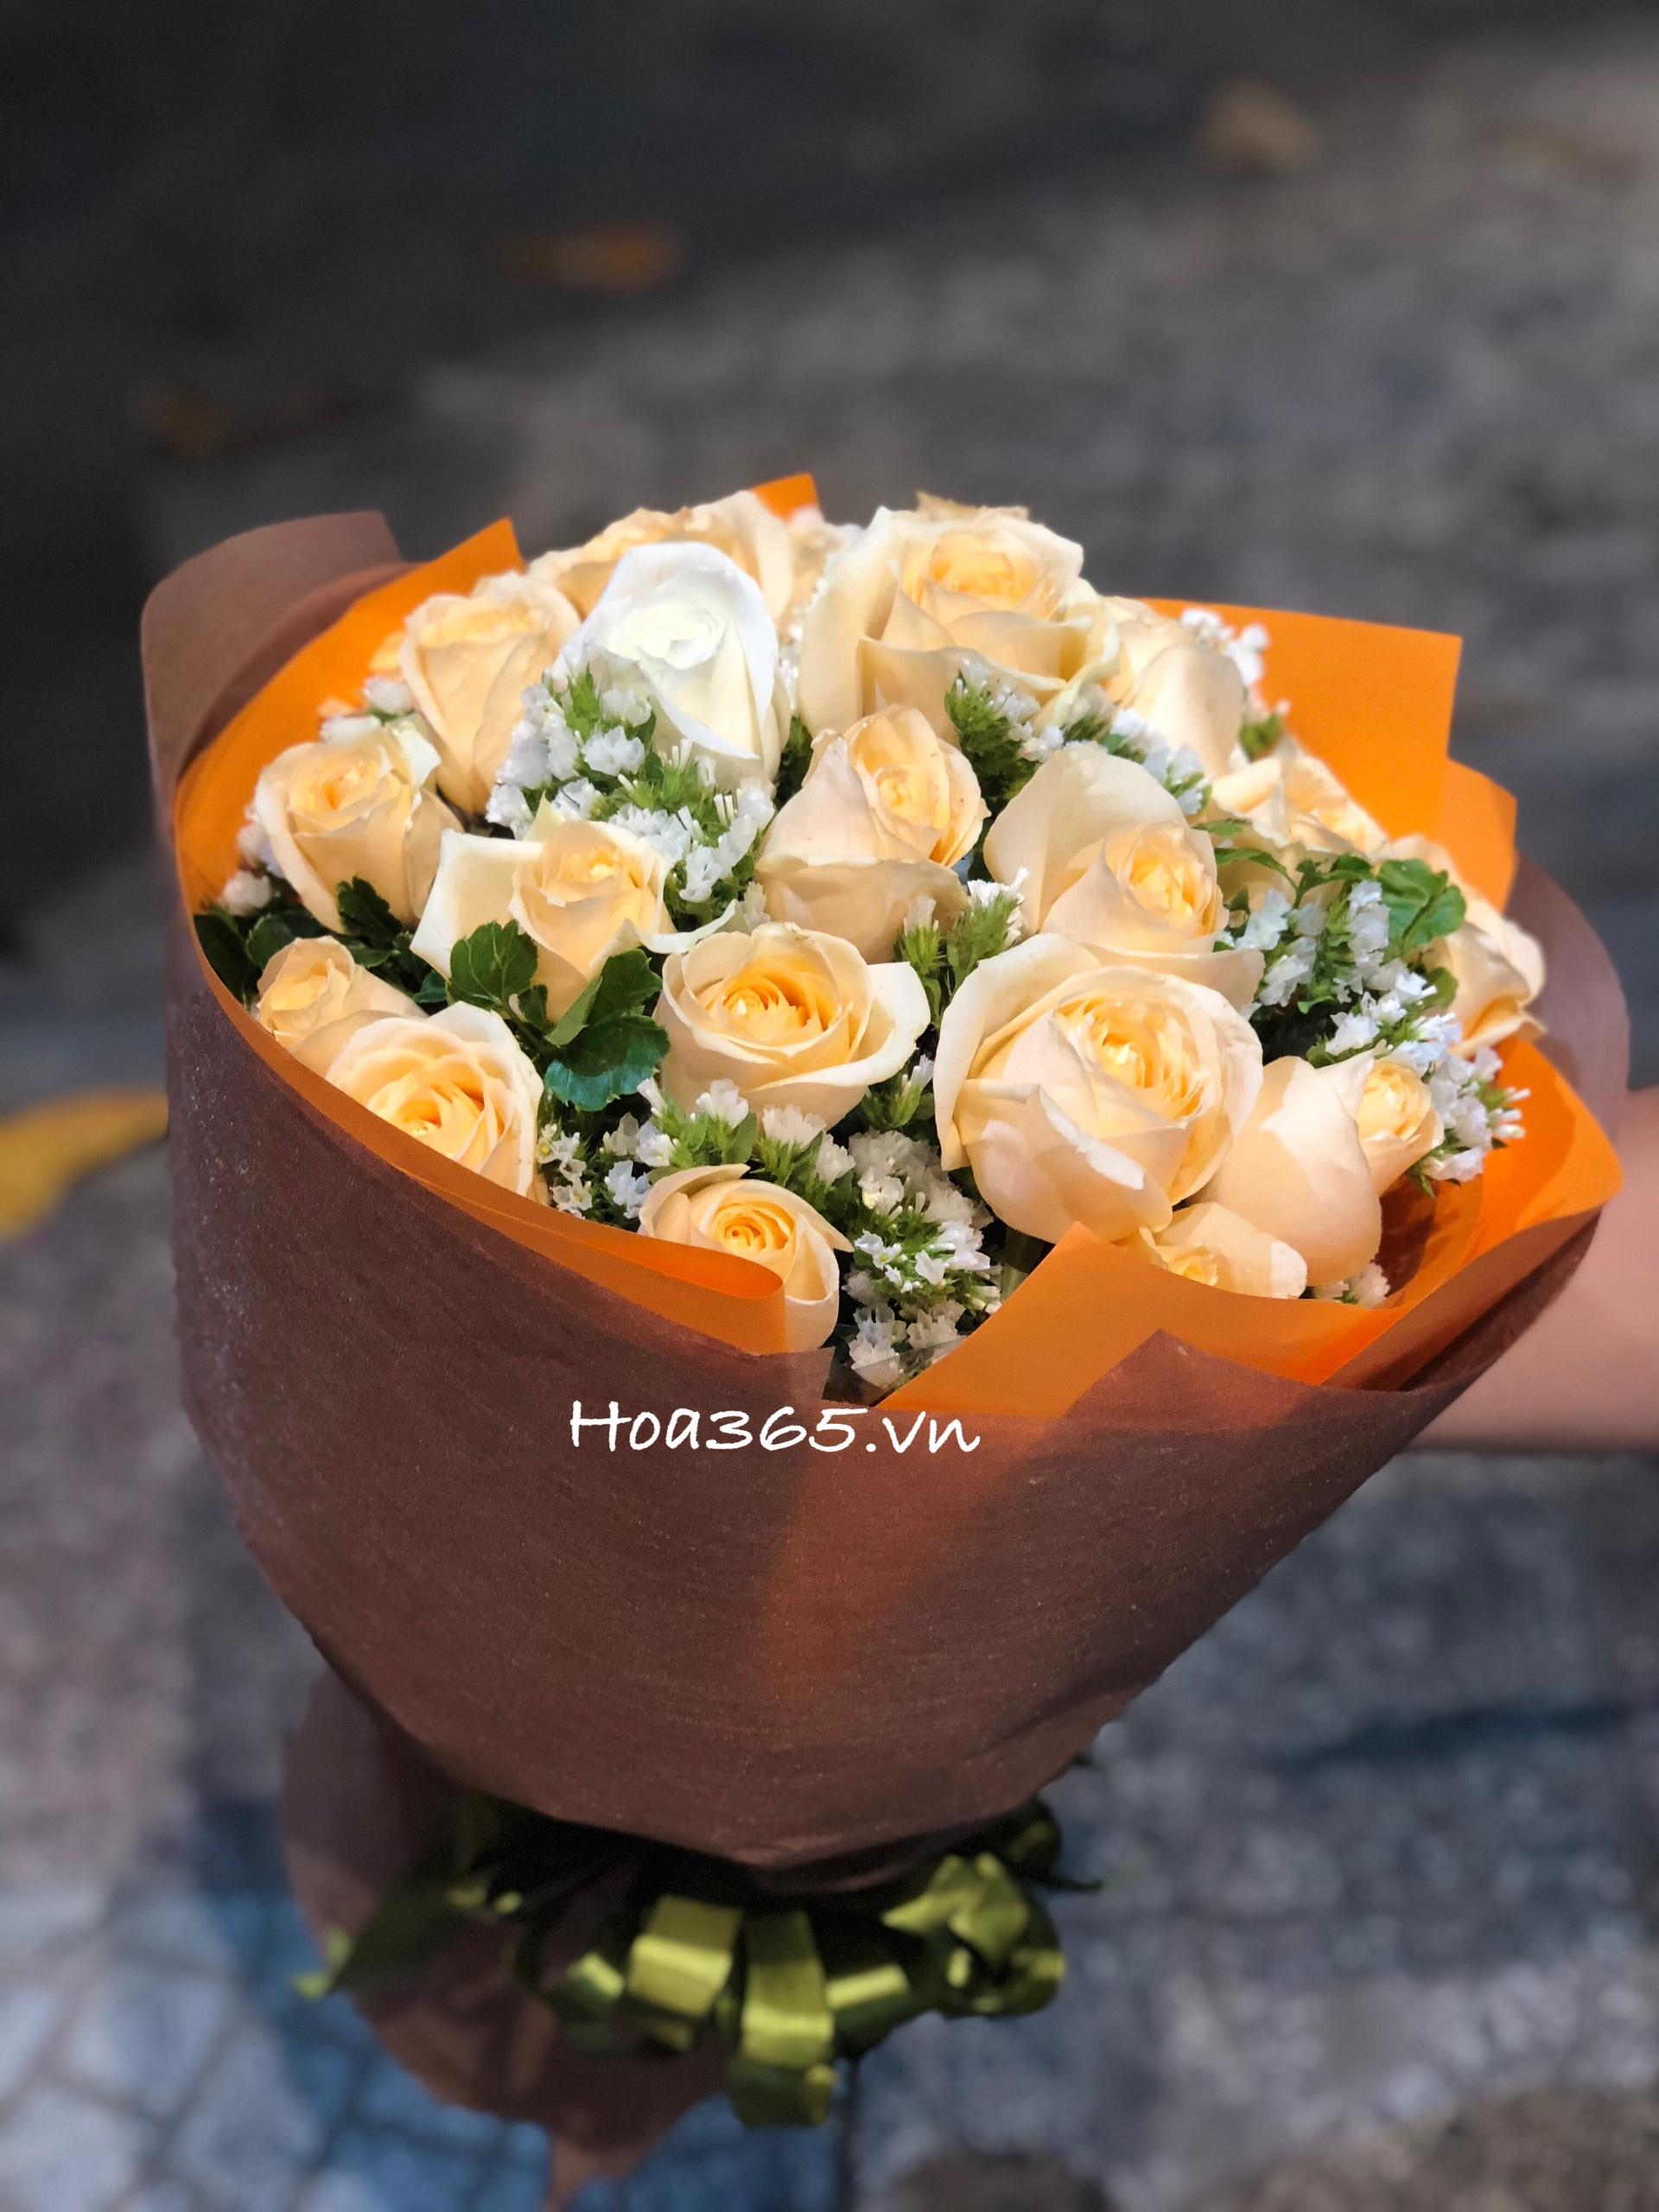 hoa chúc mừng sinhnhật, hoa bó đẹp